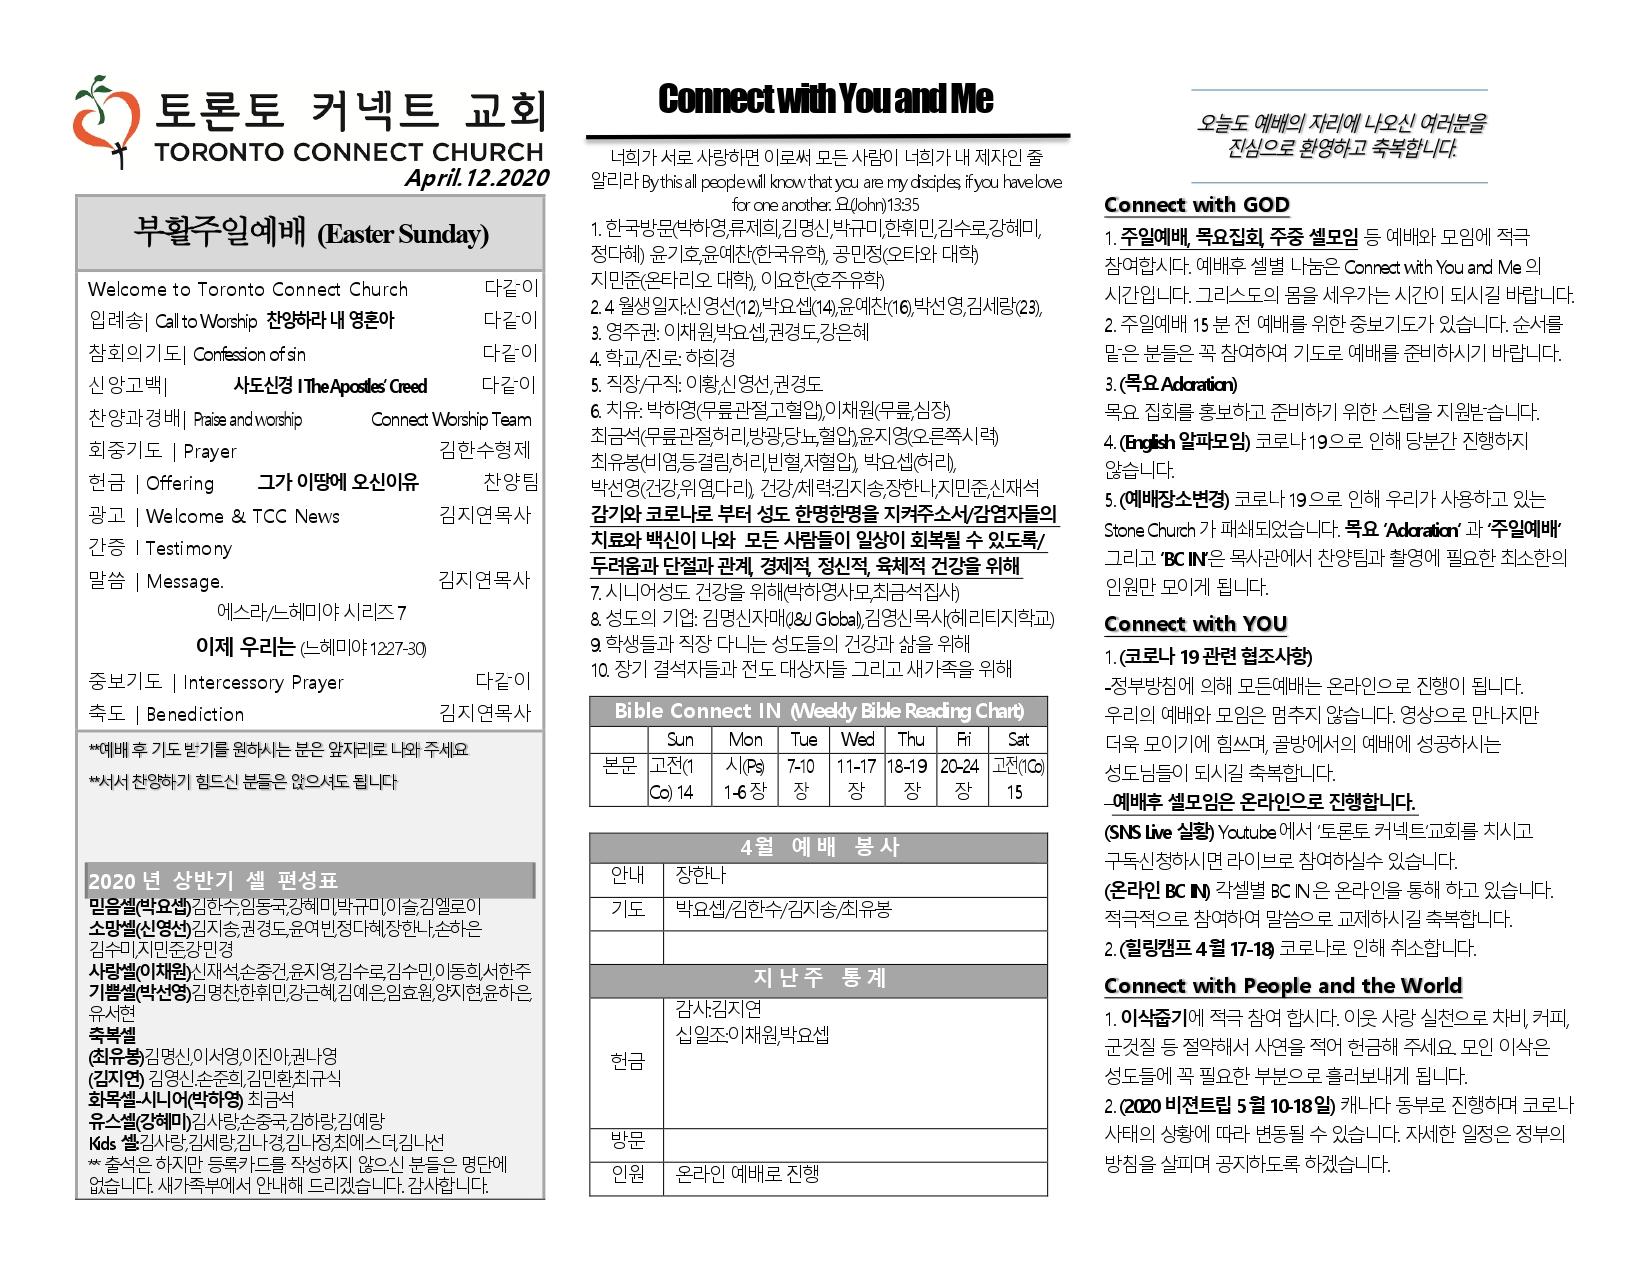 2020_4_12주보_page_0001_1586711881.jpg